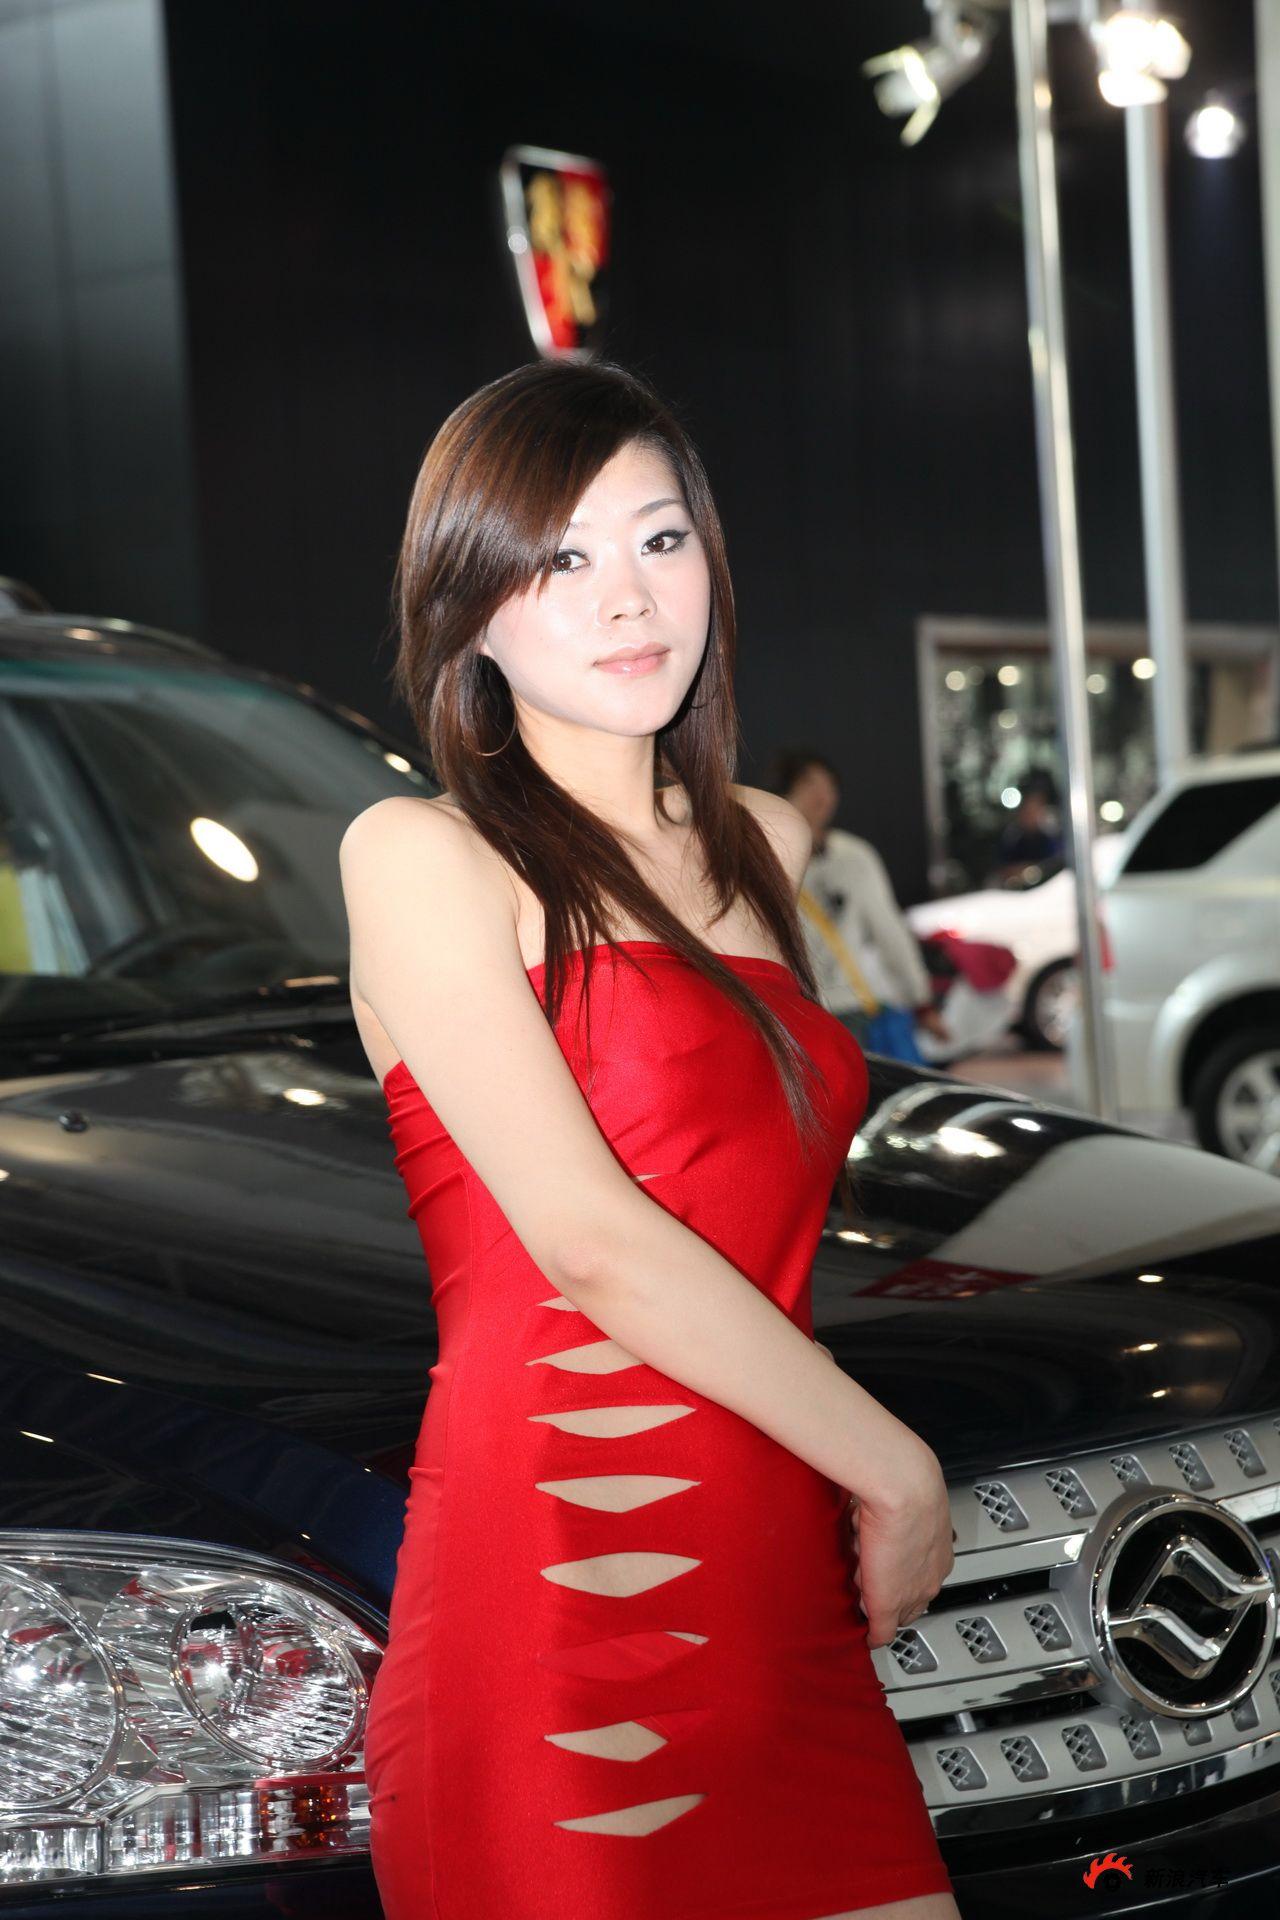 黄海展台3号模特